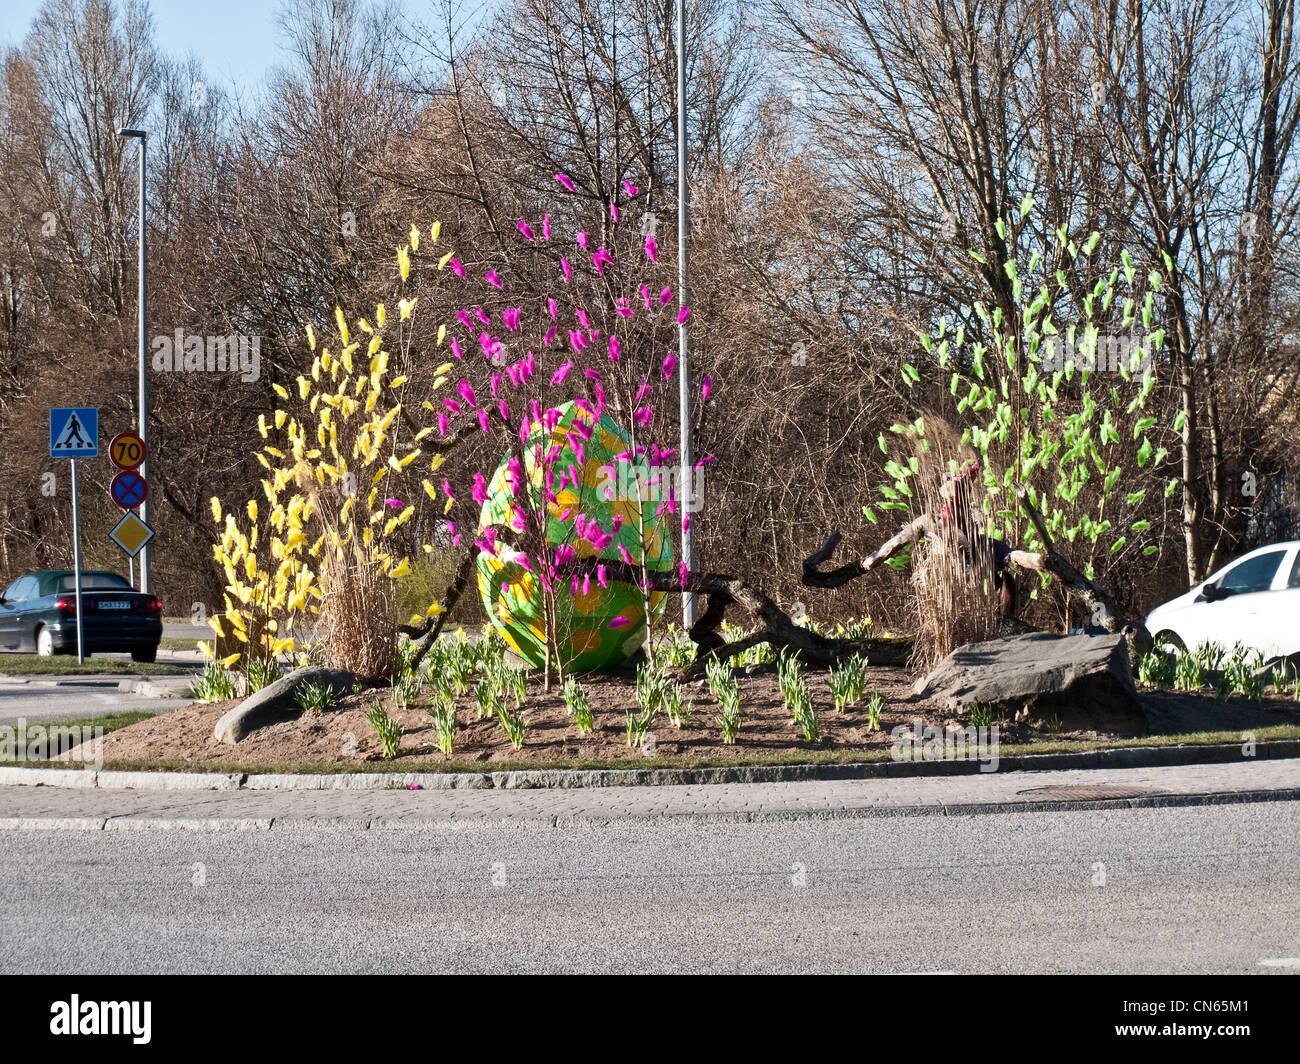 Les plumes de pâques décoration lors d'un rond-point en Suède Photo Stock